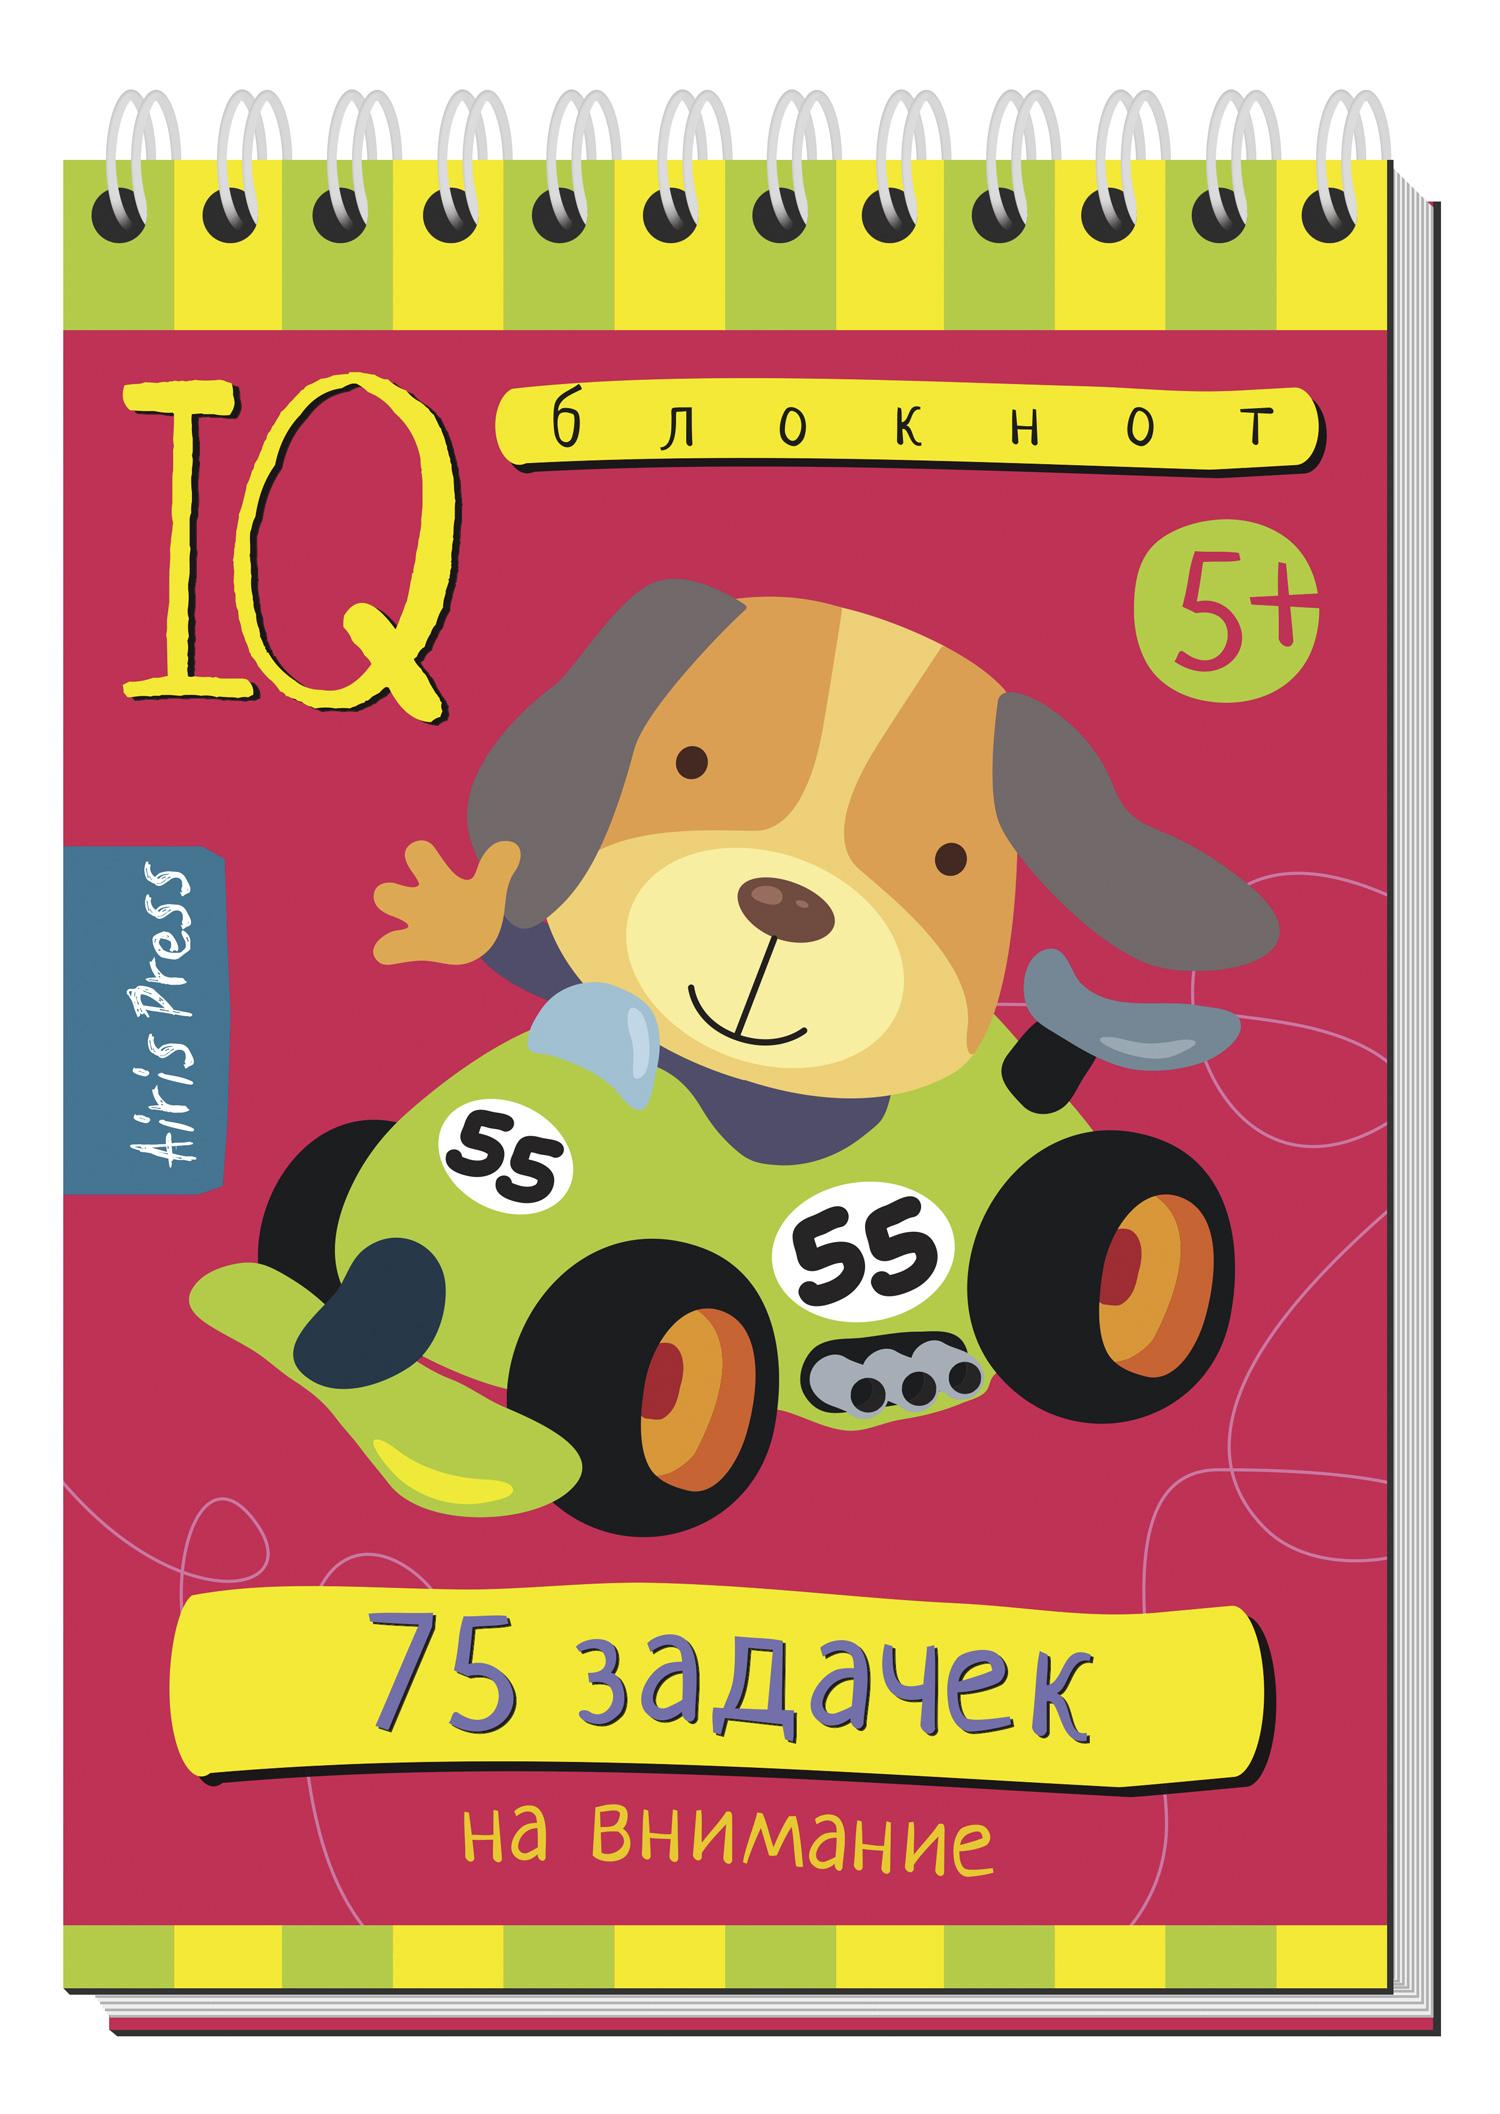 Купить АЙРИС-ПРЕСС Умный блокнот. 75 задачек на внимание [25454], Обучающие материалы и авторские методики для детей